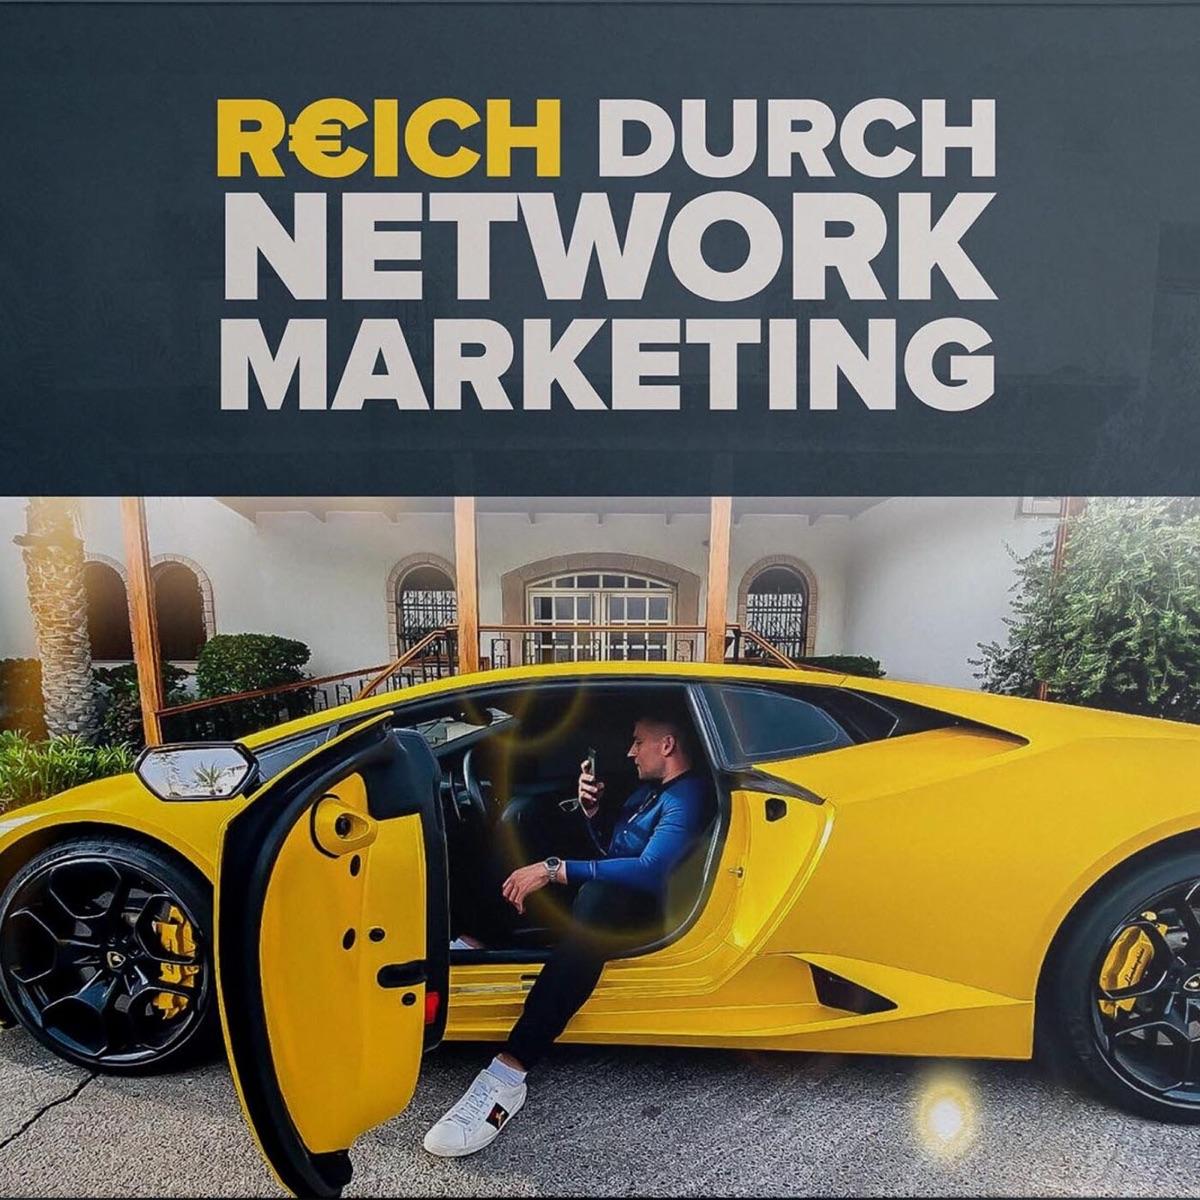 REICH DURCH NETWORK MARKETING